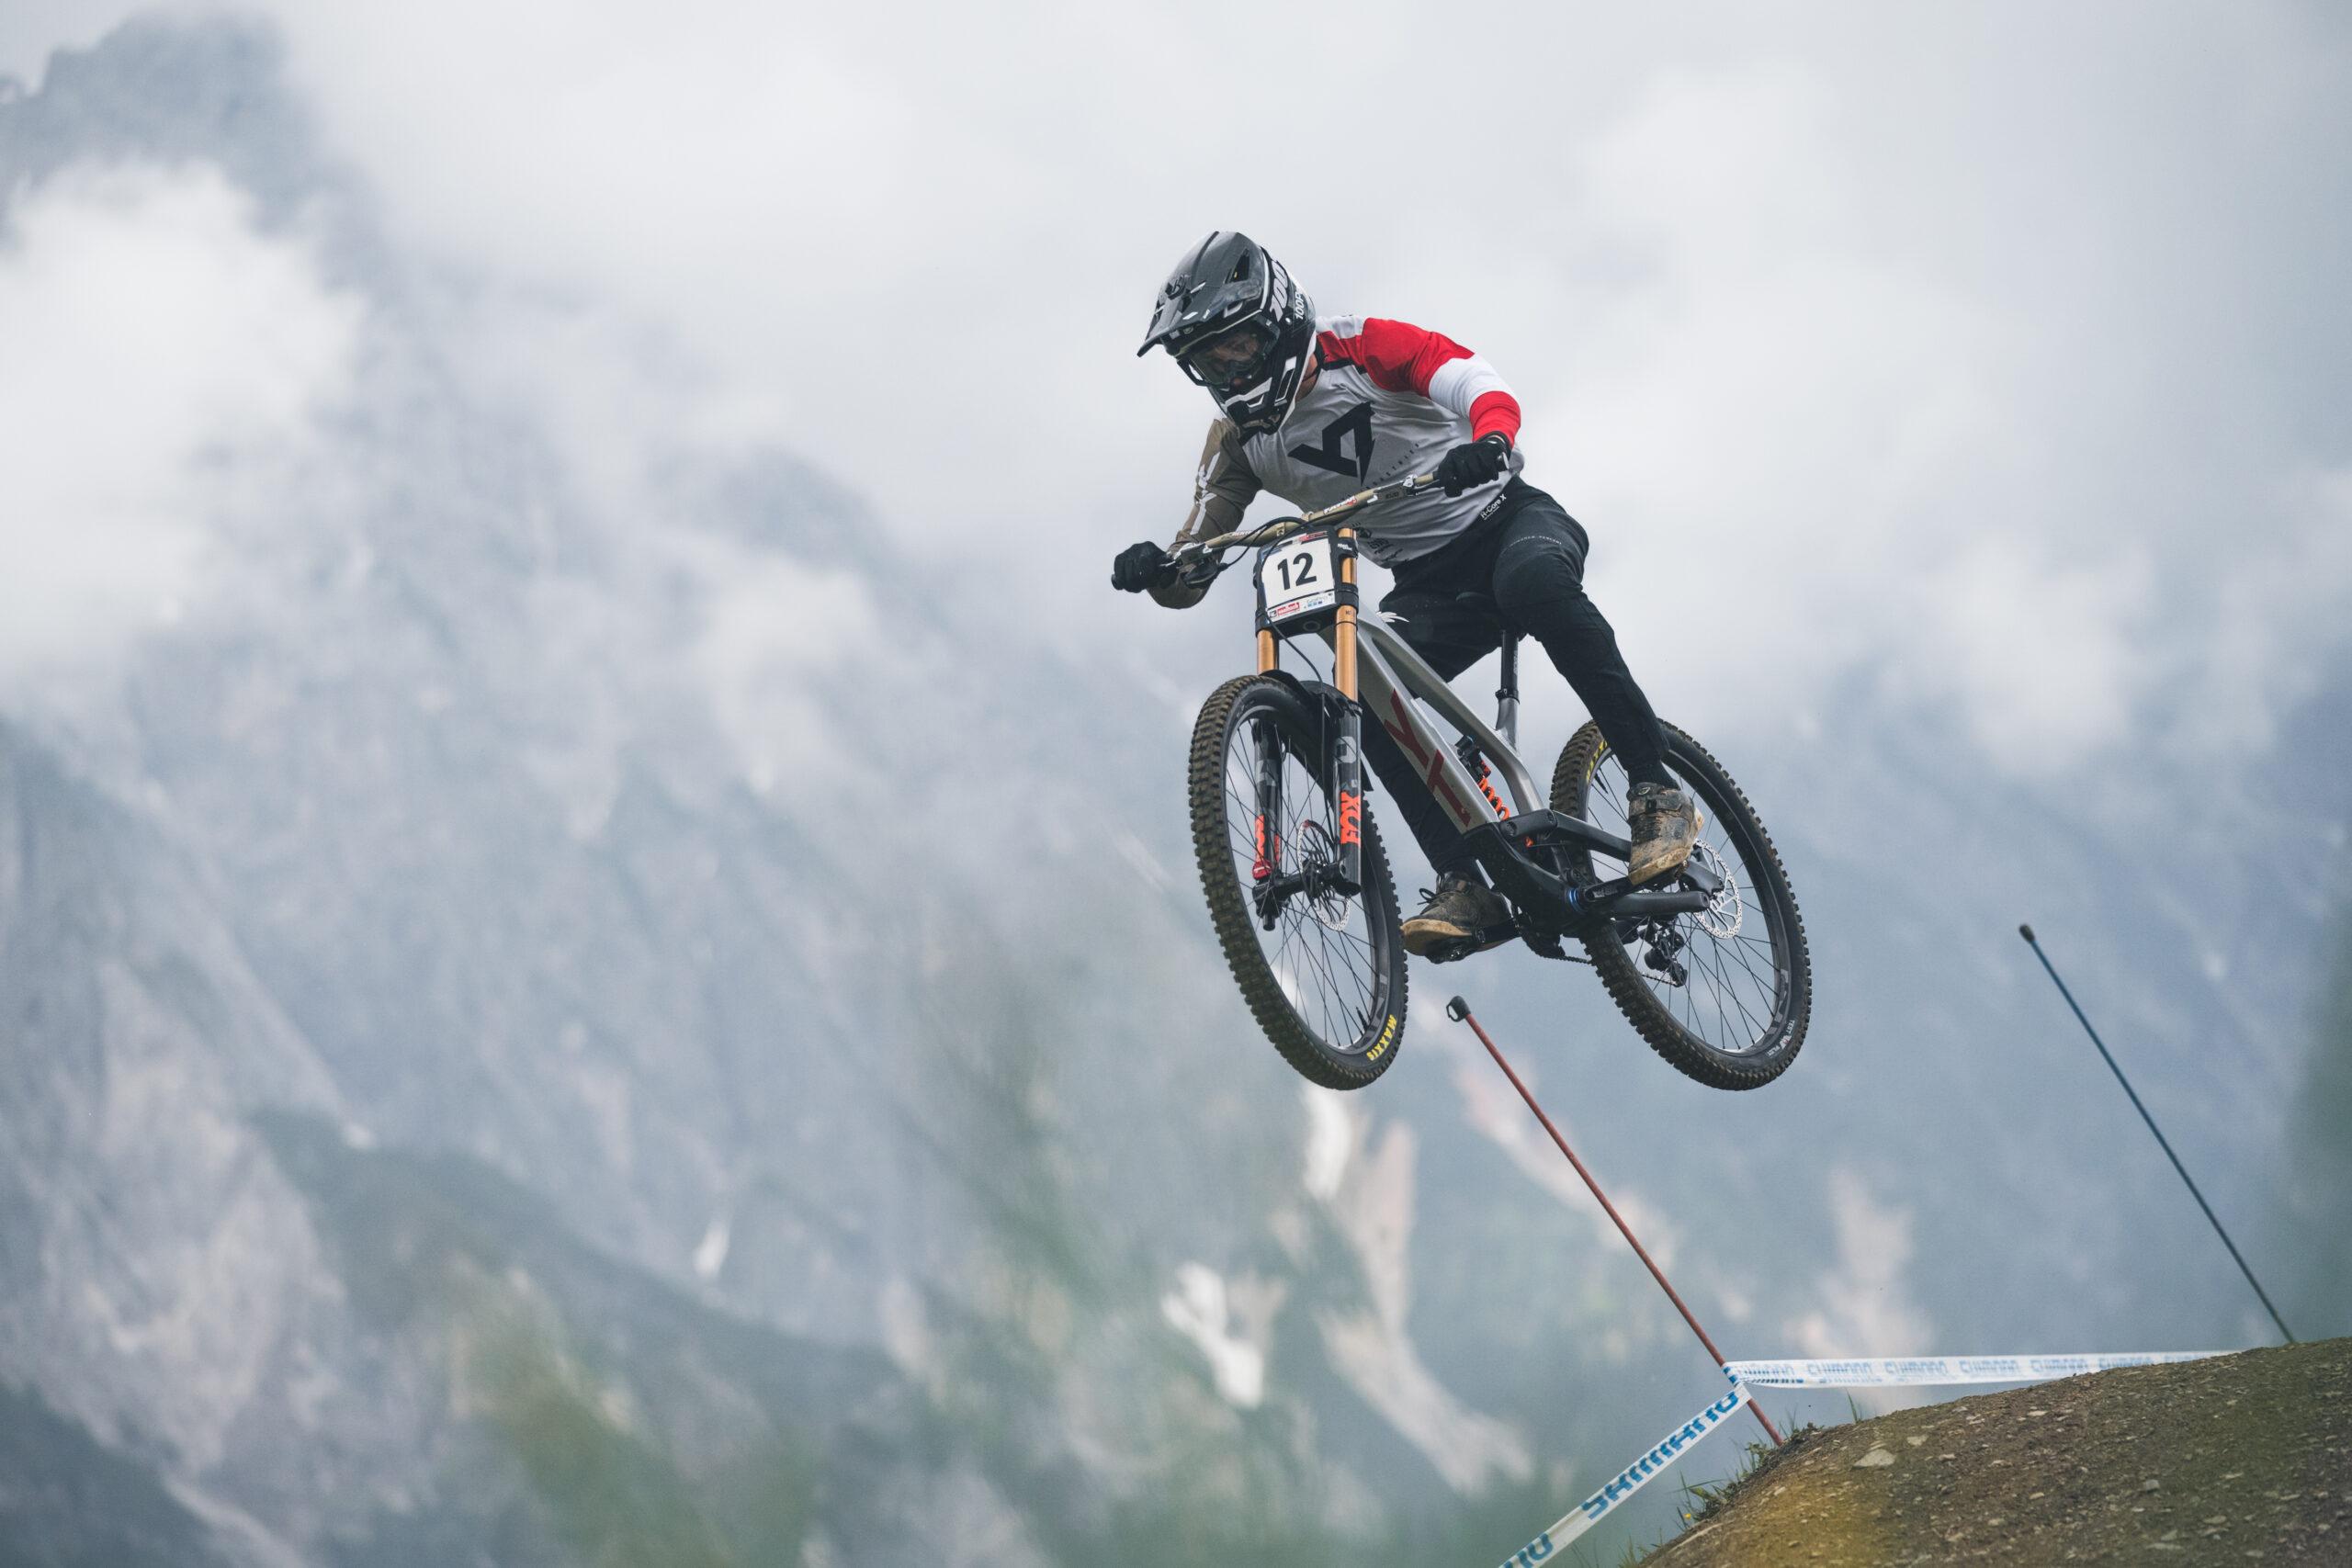 Troy Brosnan en Vali Höll winnen kwalificaties downhill Leogang